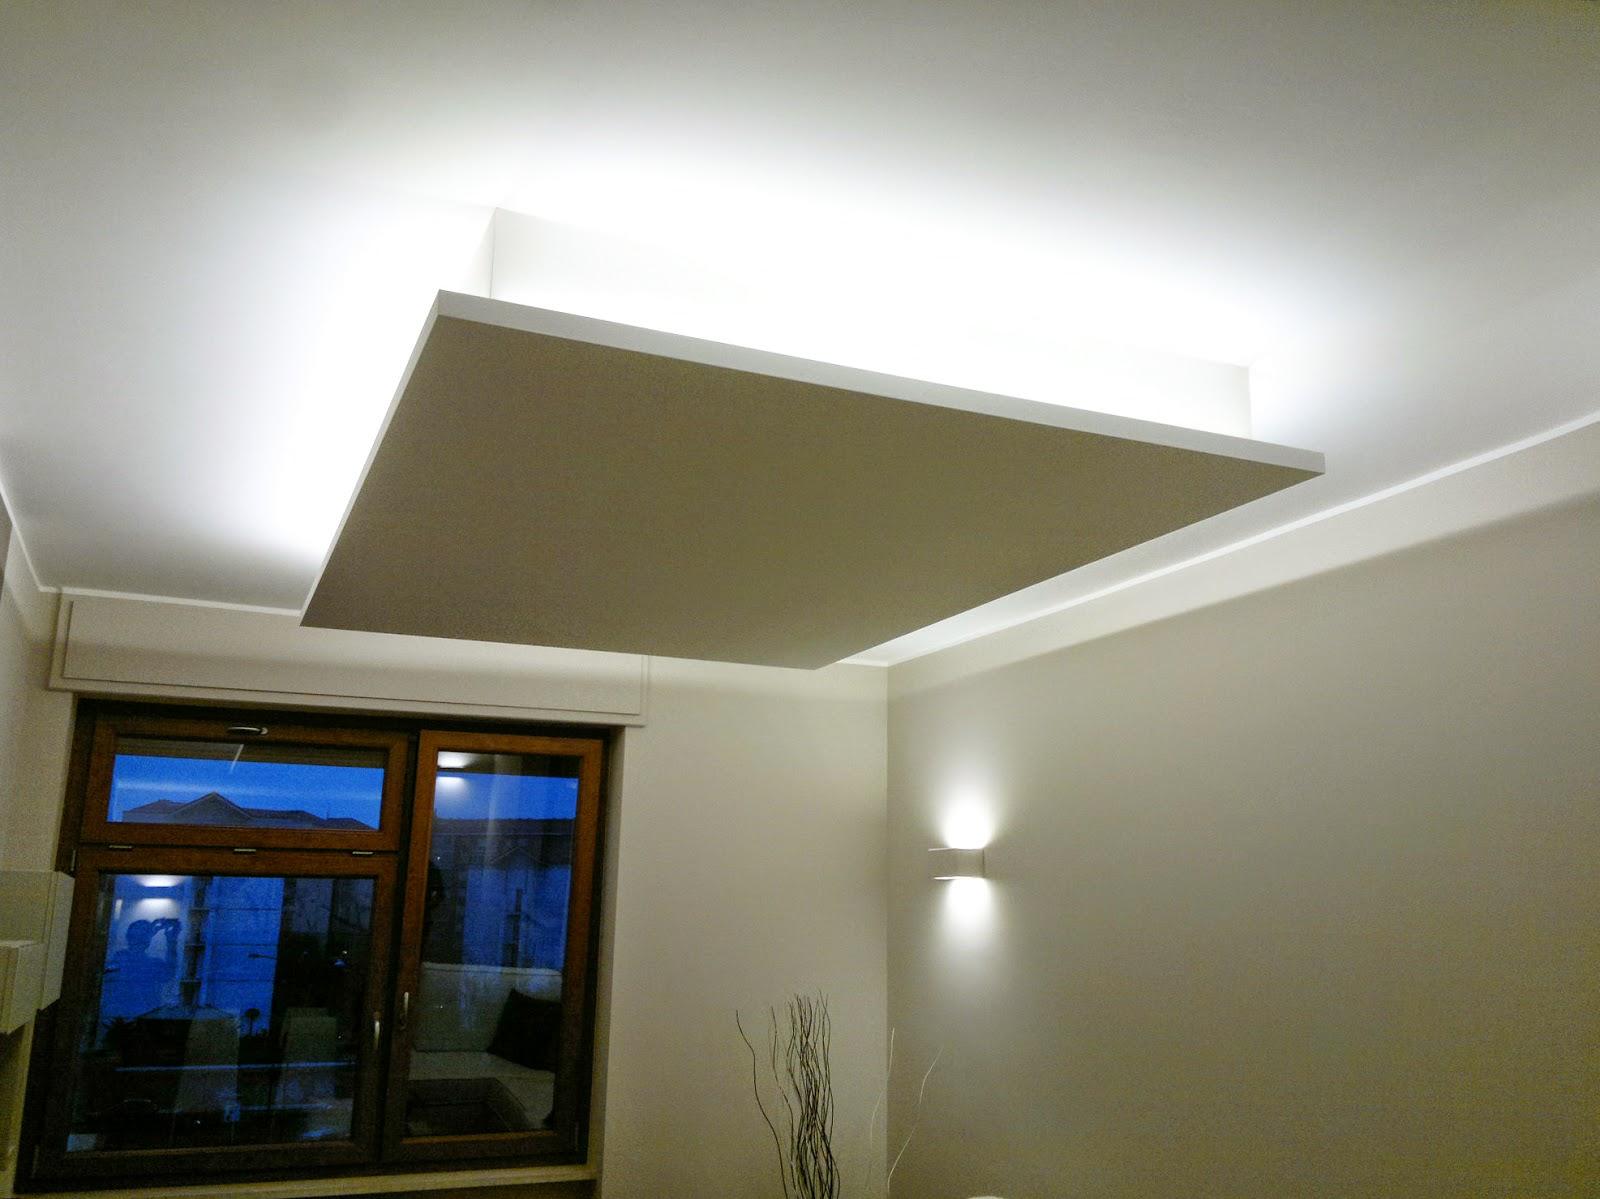 Illuminazione Led casa settembre 2014